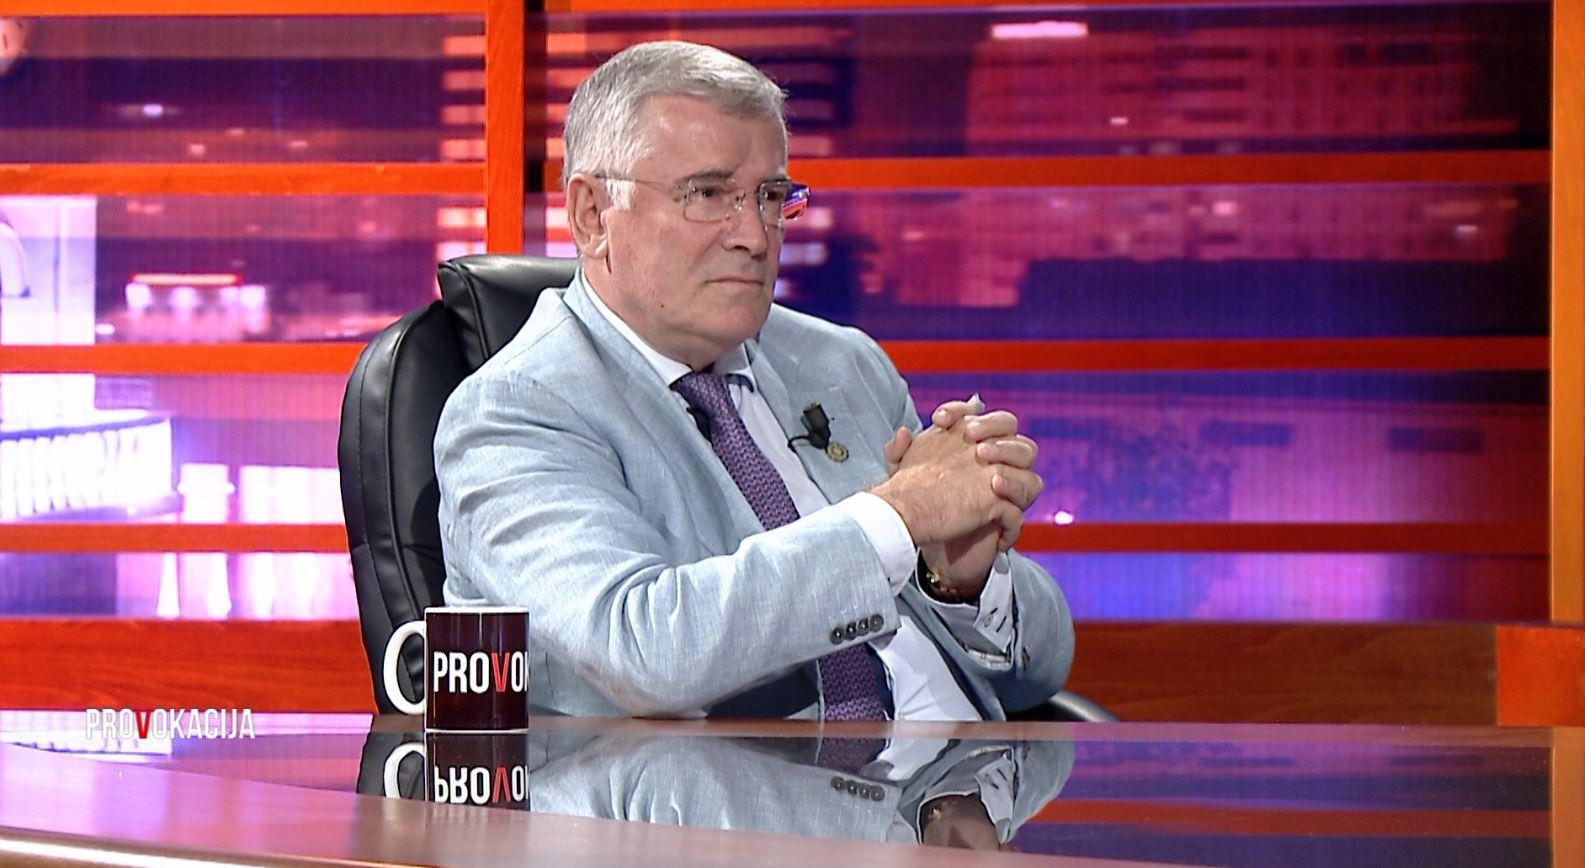 Fatos Tarifa: Më bezdis përpjekja e fesë për të indoktrinuar individin njerëzor